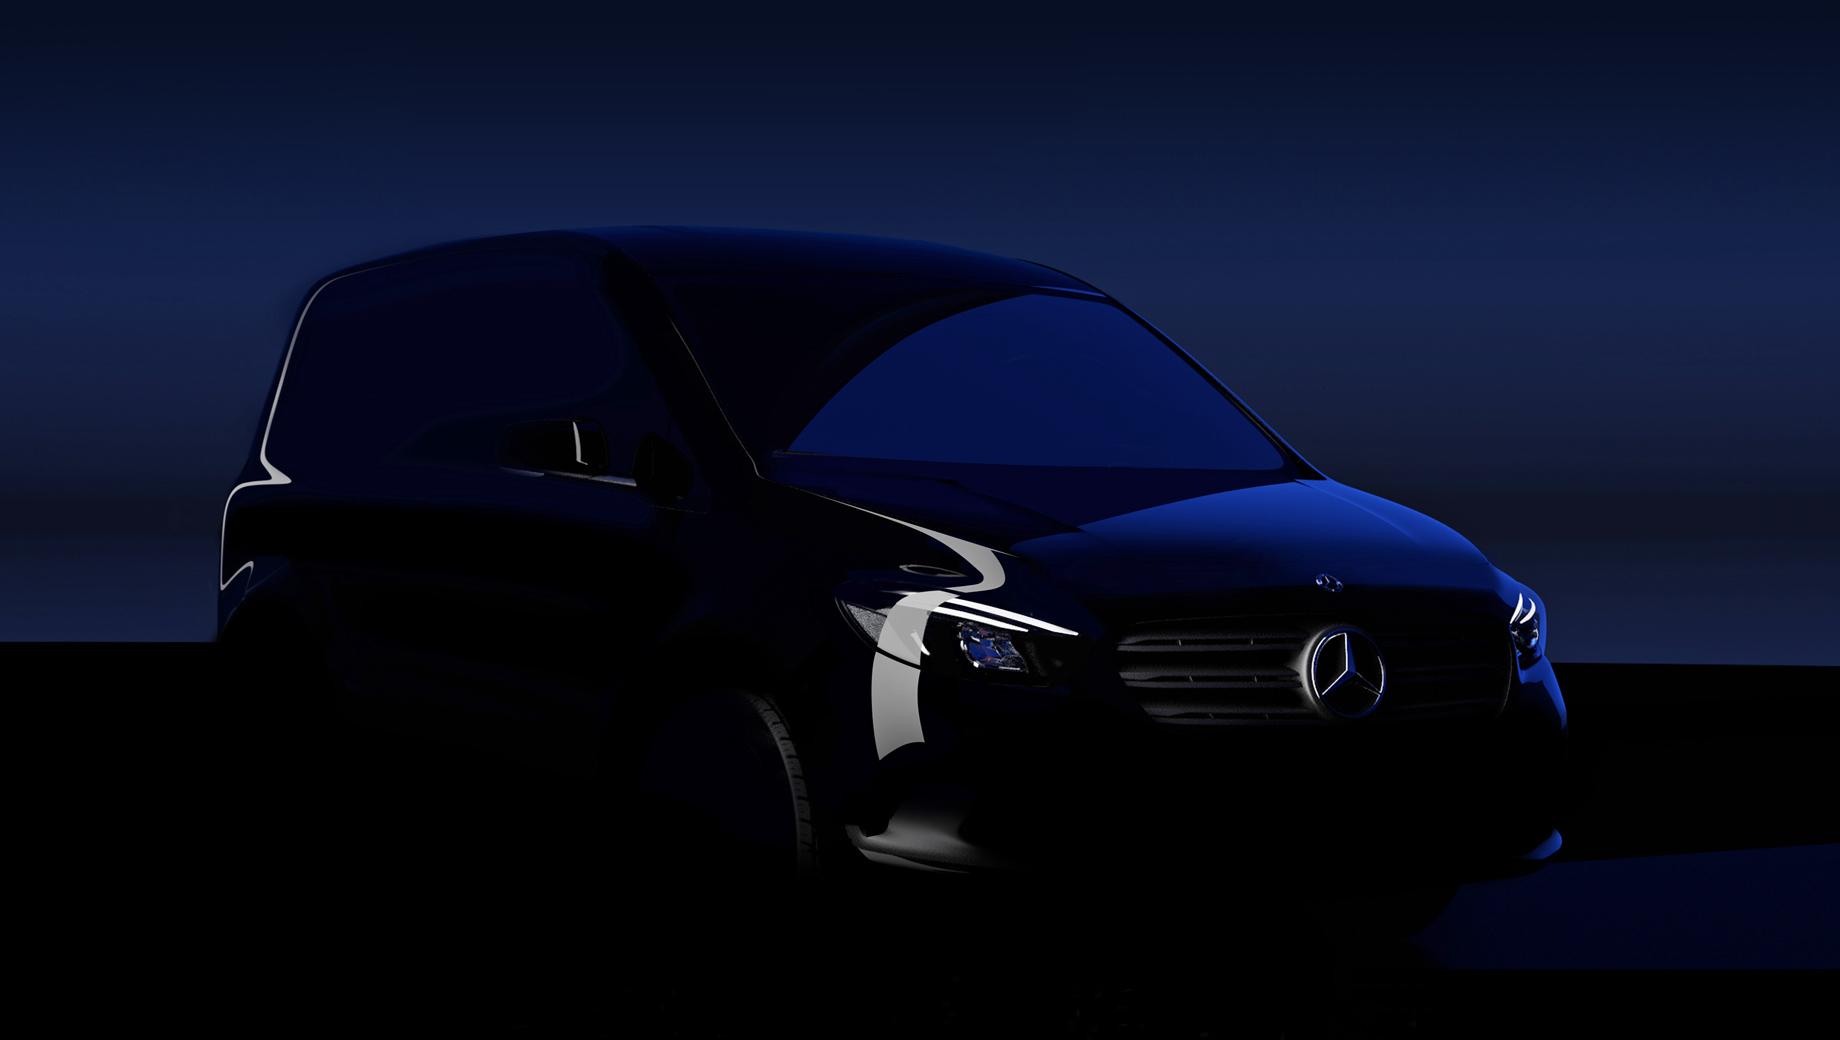 Mercedes citan,Mercedes ecitan,Mercedes t,Mercedes eqt. Тизер не позволяет рассмотреть многое, но обещаны широко открывающиеся сдвижные двери и низкая погрузочная высота, большая вариативность салона.